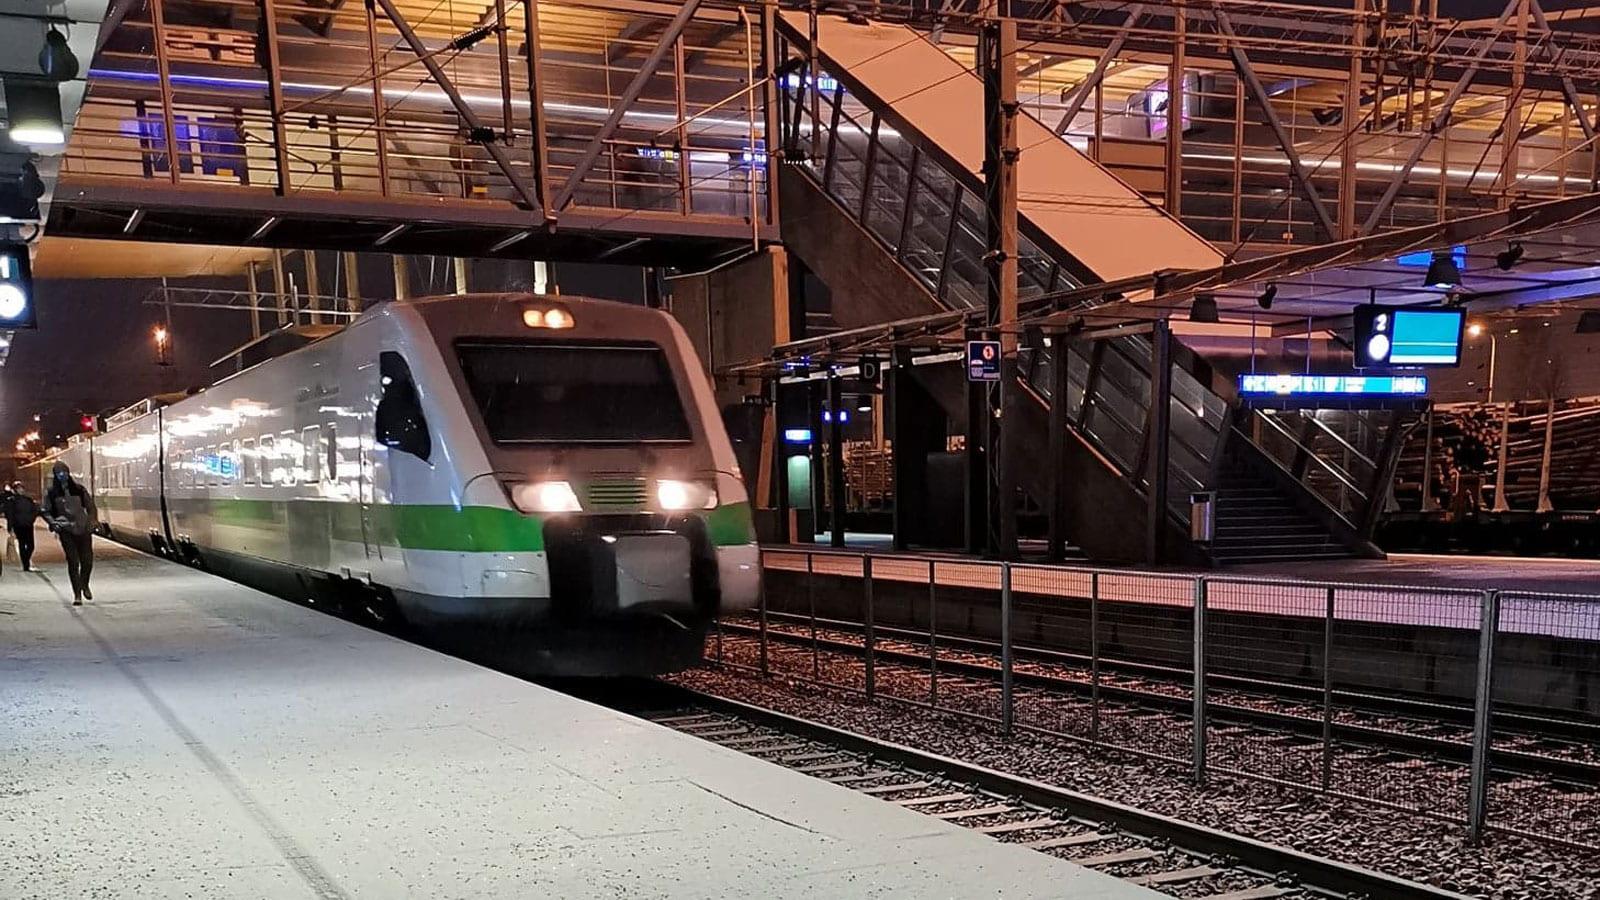 Juna laiturilla Jyväskylän Matkakeskuksella.